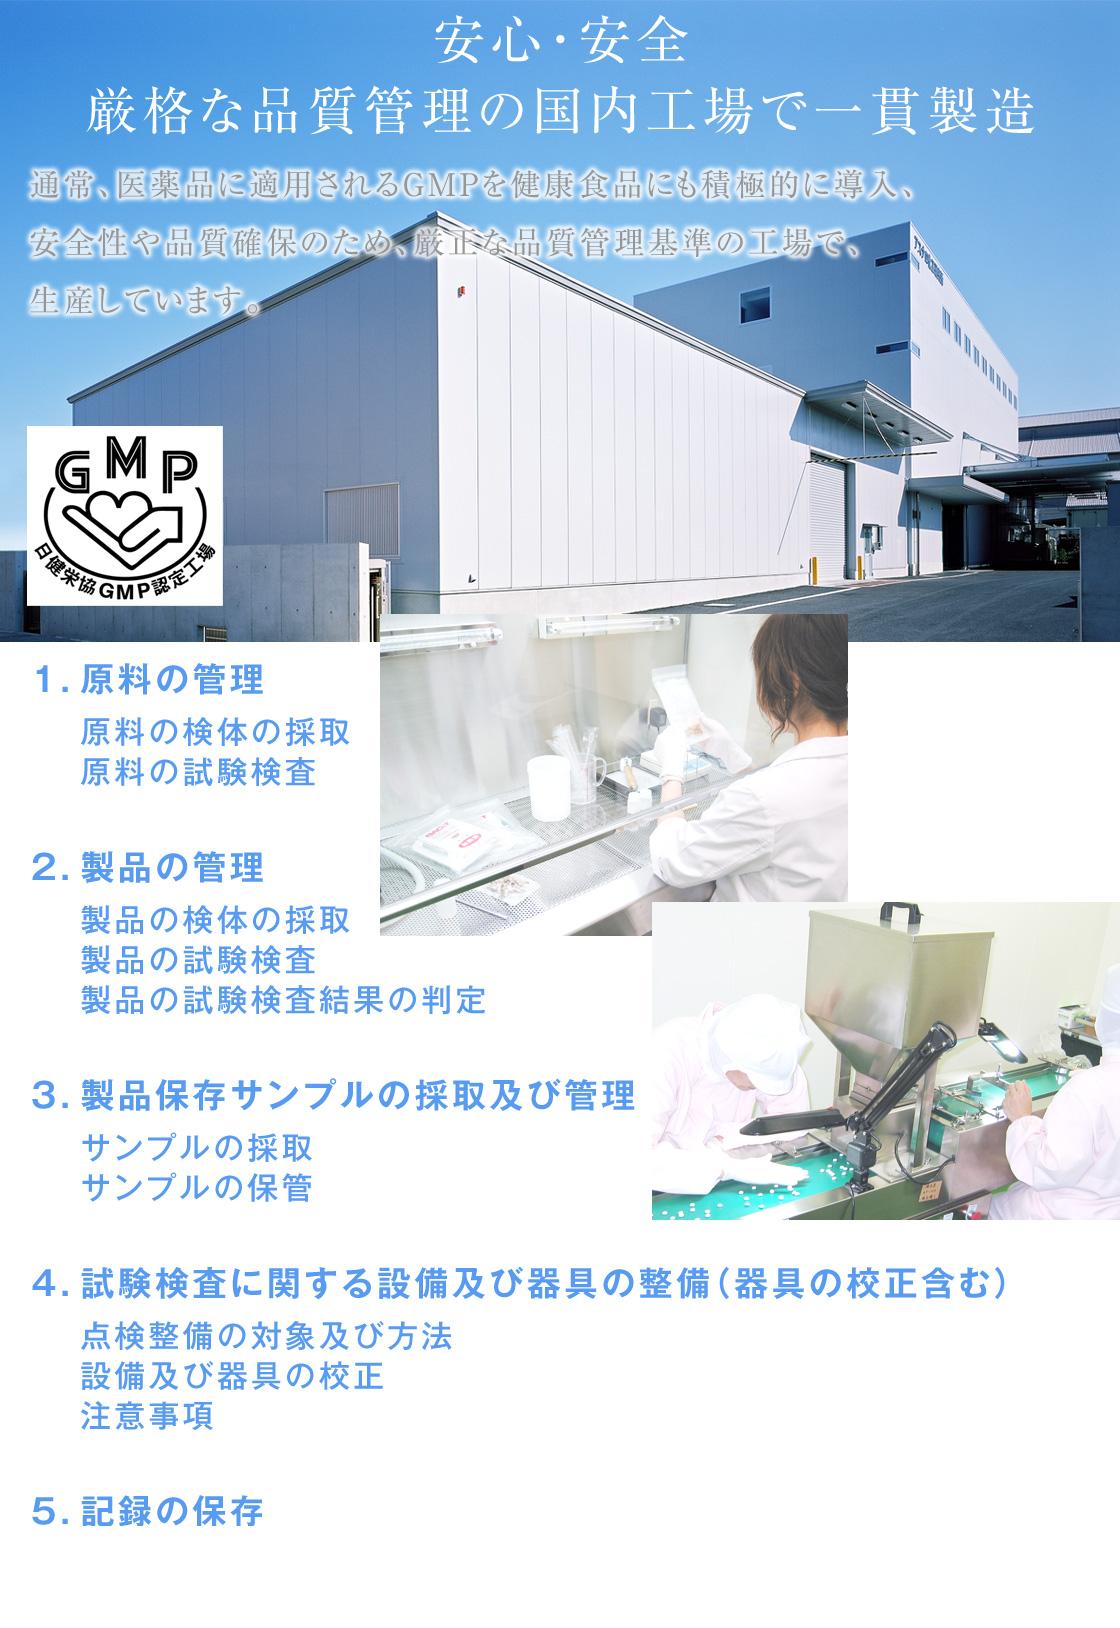 安心・安全の日本企業